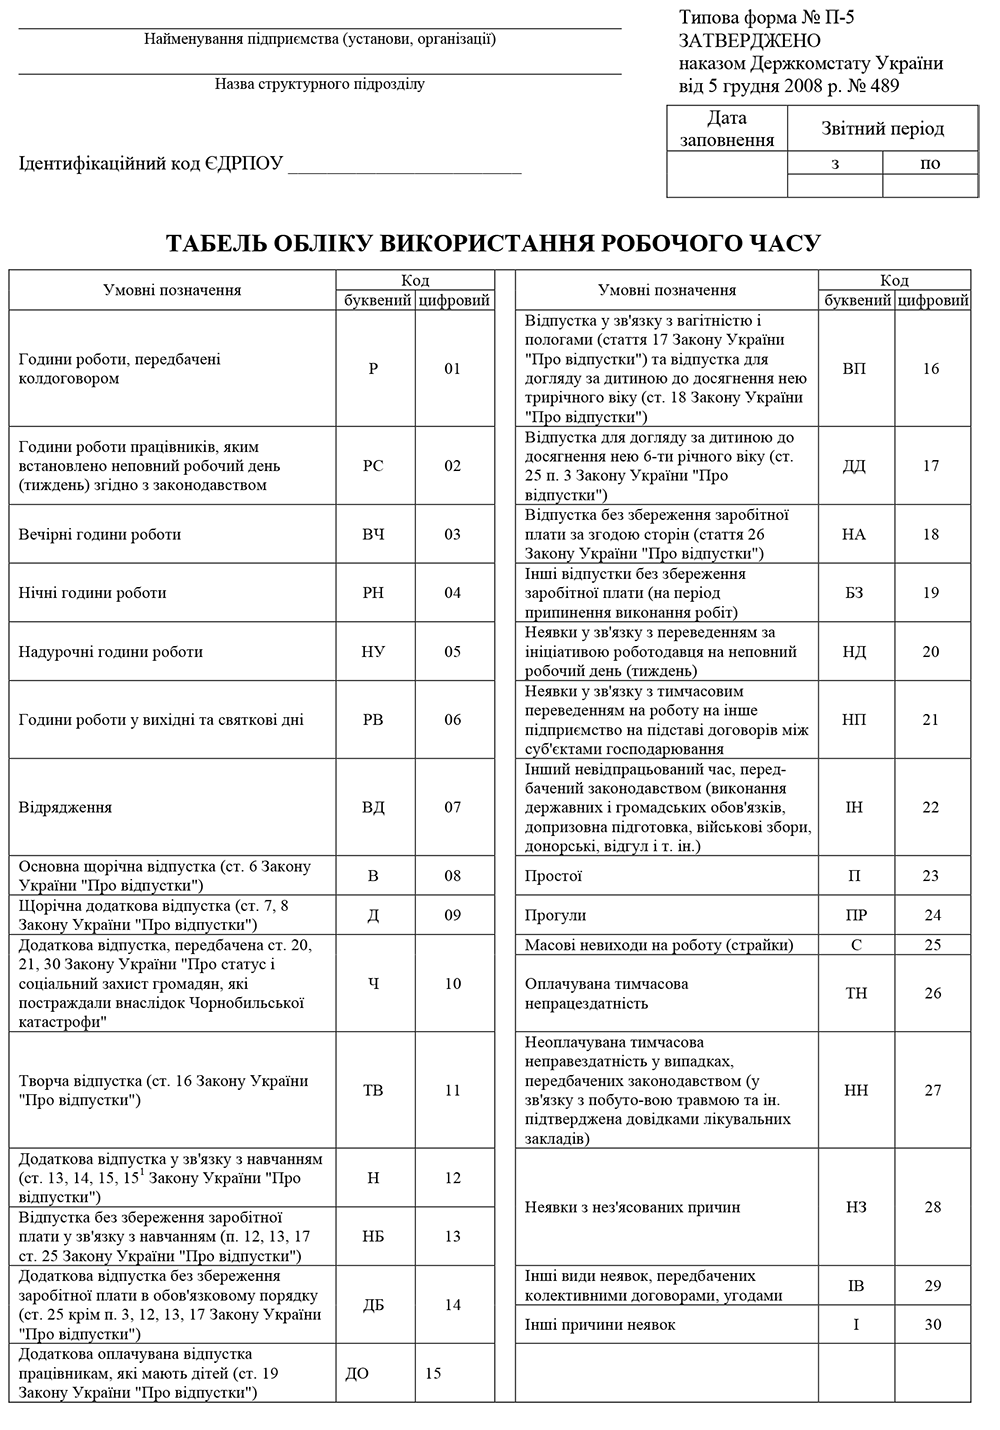 ТАБЕЛЬ ОБЛІКУ ВИКОРИСТАННЯ РОБОЧОГО ЧАСУ (Типова форма № П-5)